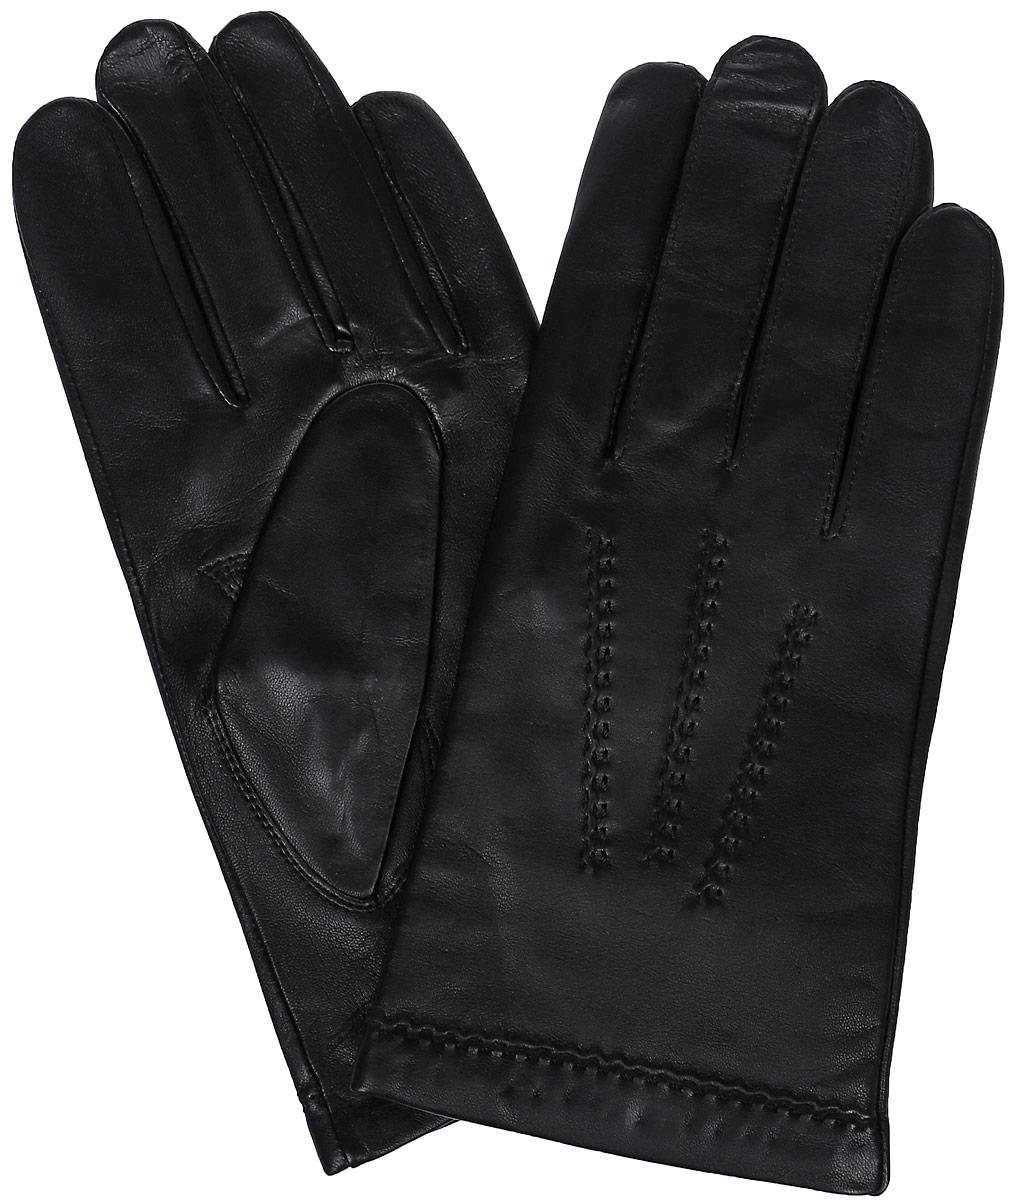 ПерчаткиLB-0703Мужские перчатки Labbra выполнены из натуральной кожи и оформлены декоративной прострочкой. Внутренняя поверхность выполнена из шерсти и акрила, которые обеспечат тепло и комфорт.